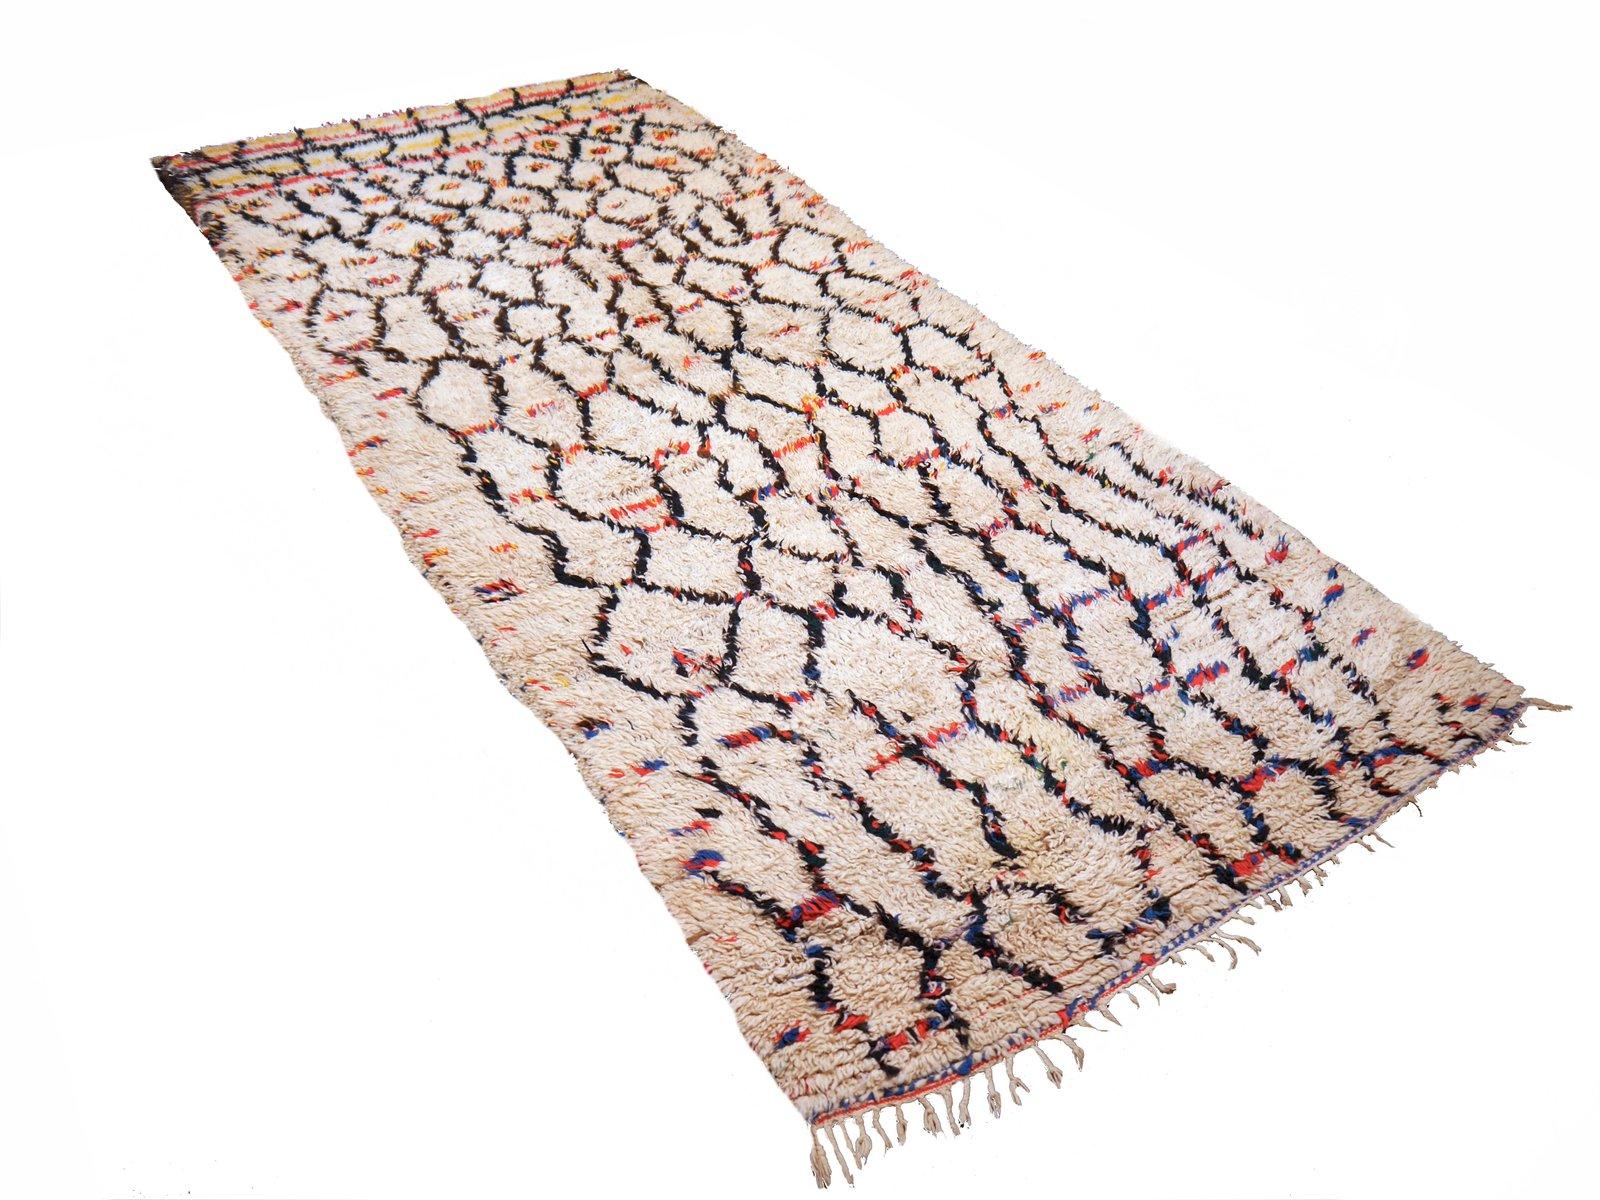 Berber teppich  Azilal Nomaden Berber Teppich bei Pamono kaufen